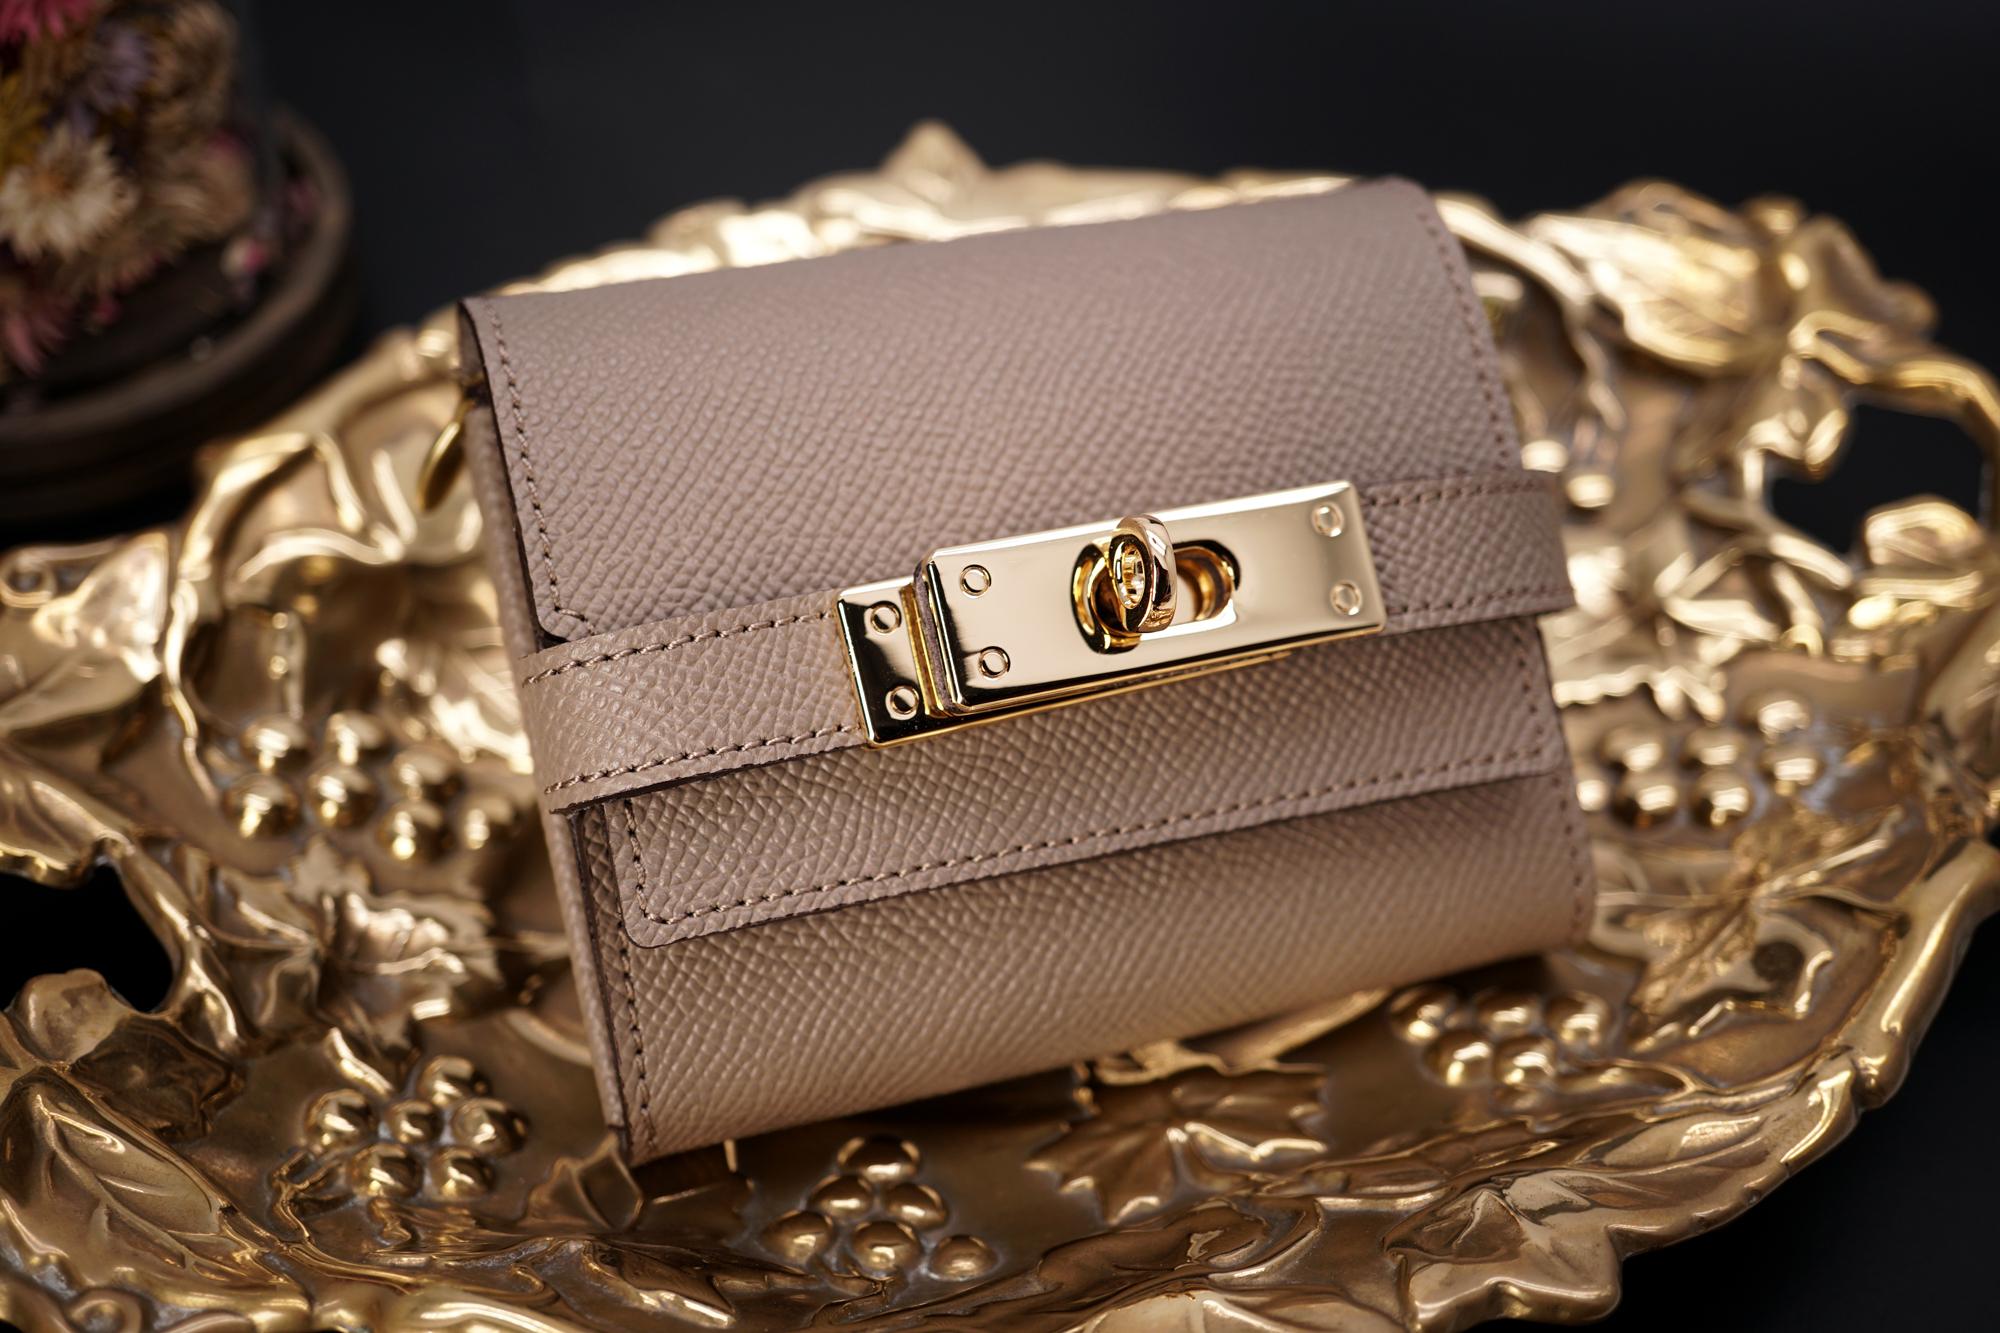 身軽にキメたい時のコンパクト財布|K式/パーティーレザー・グレージュ(本革製)